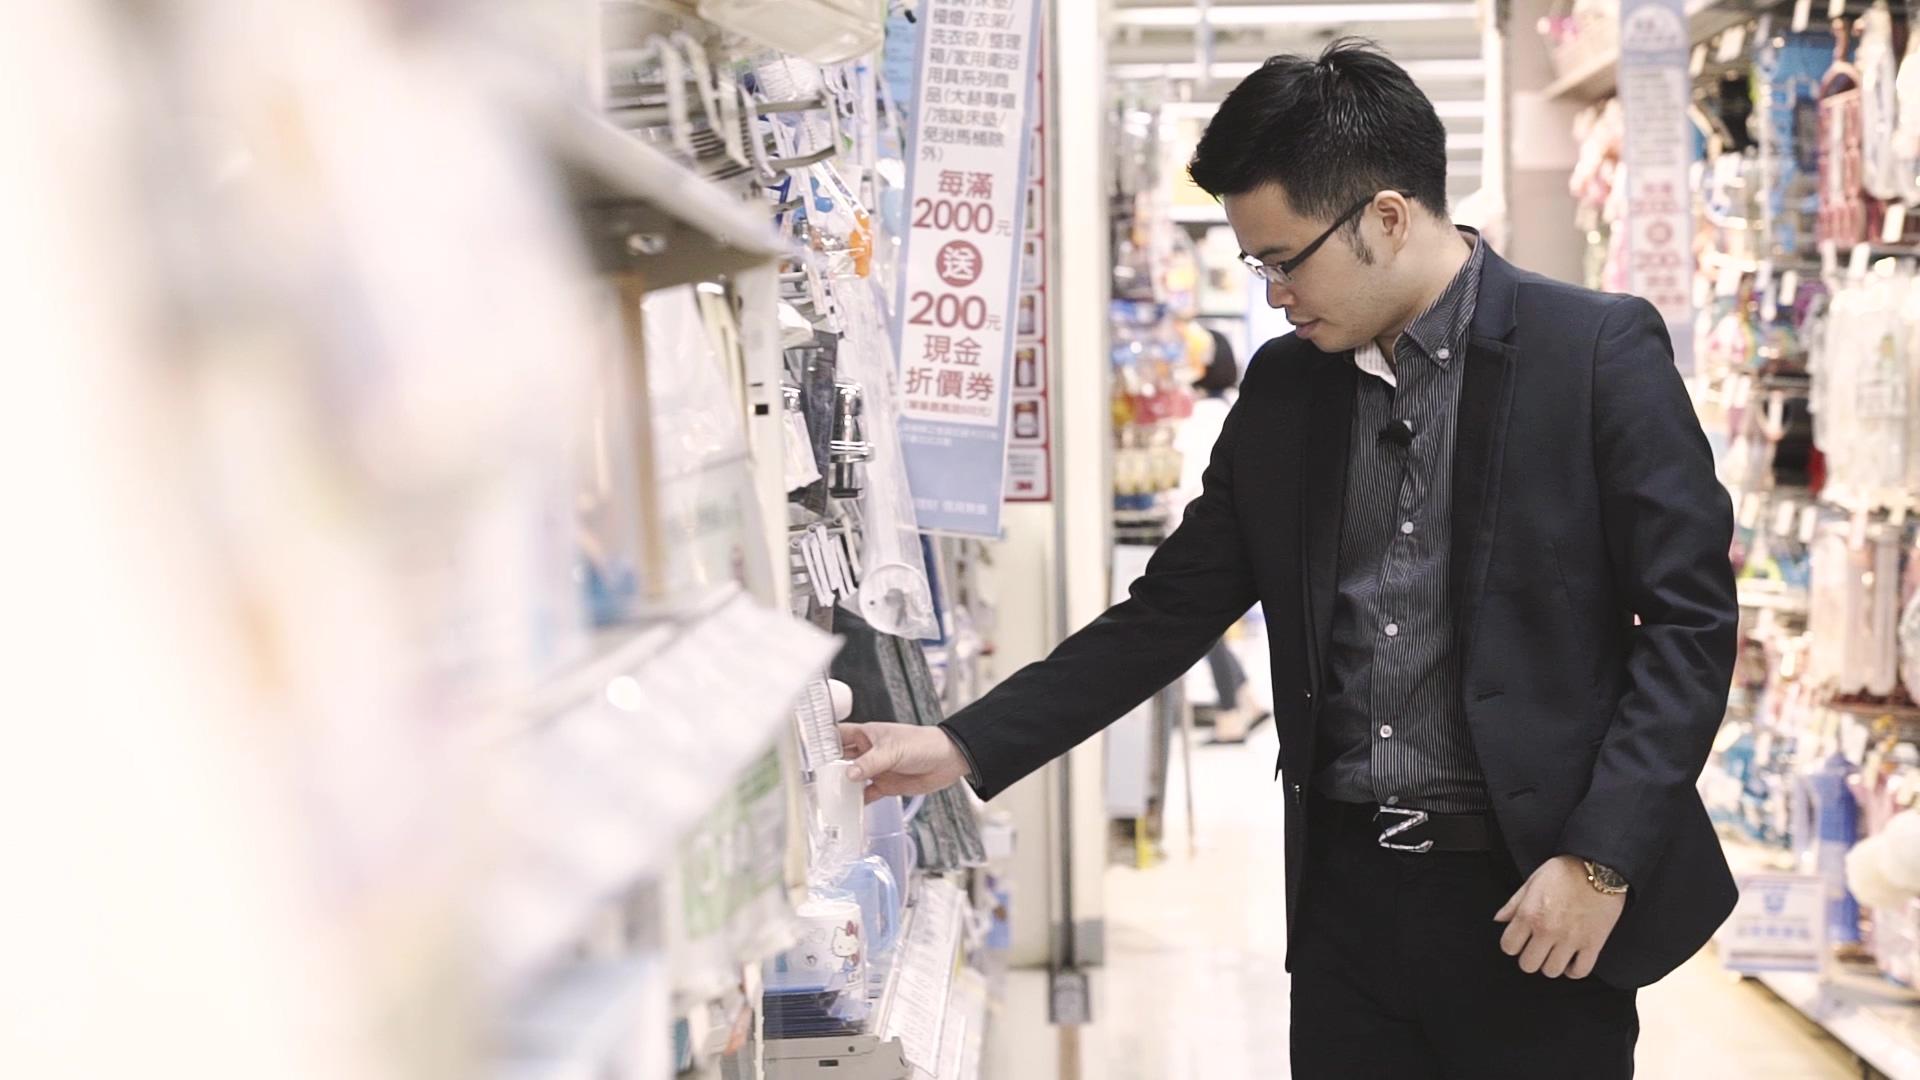 阿格力表示,以前購物時覺得荷包縮小,現在會意識到是在投資自己所持有的公司,進而增加購物樂趣。